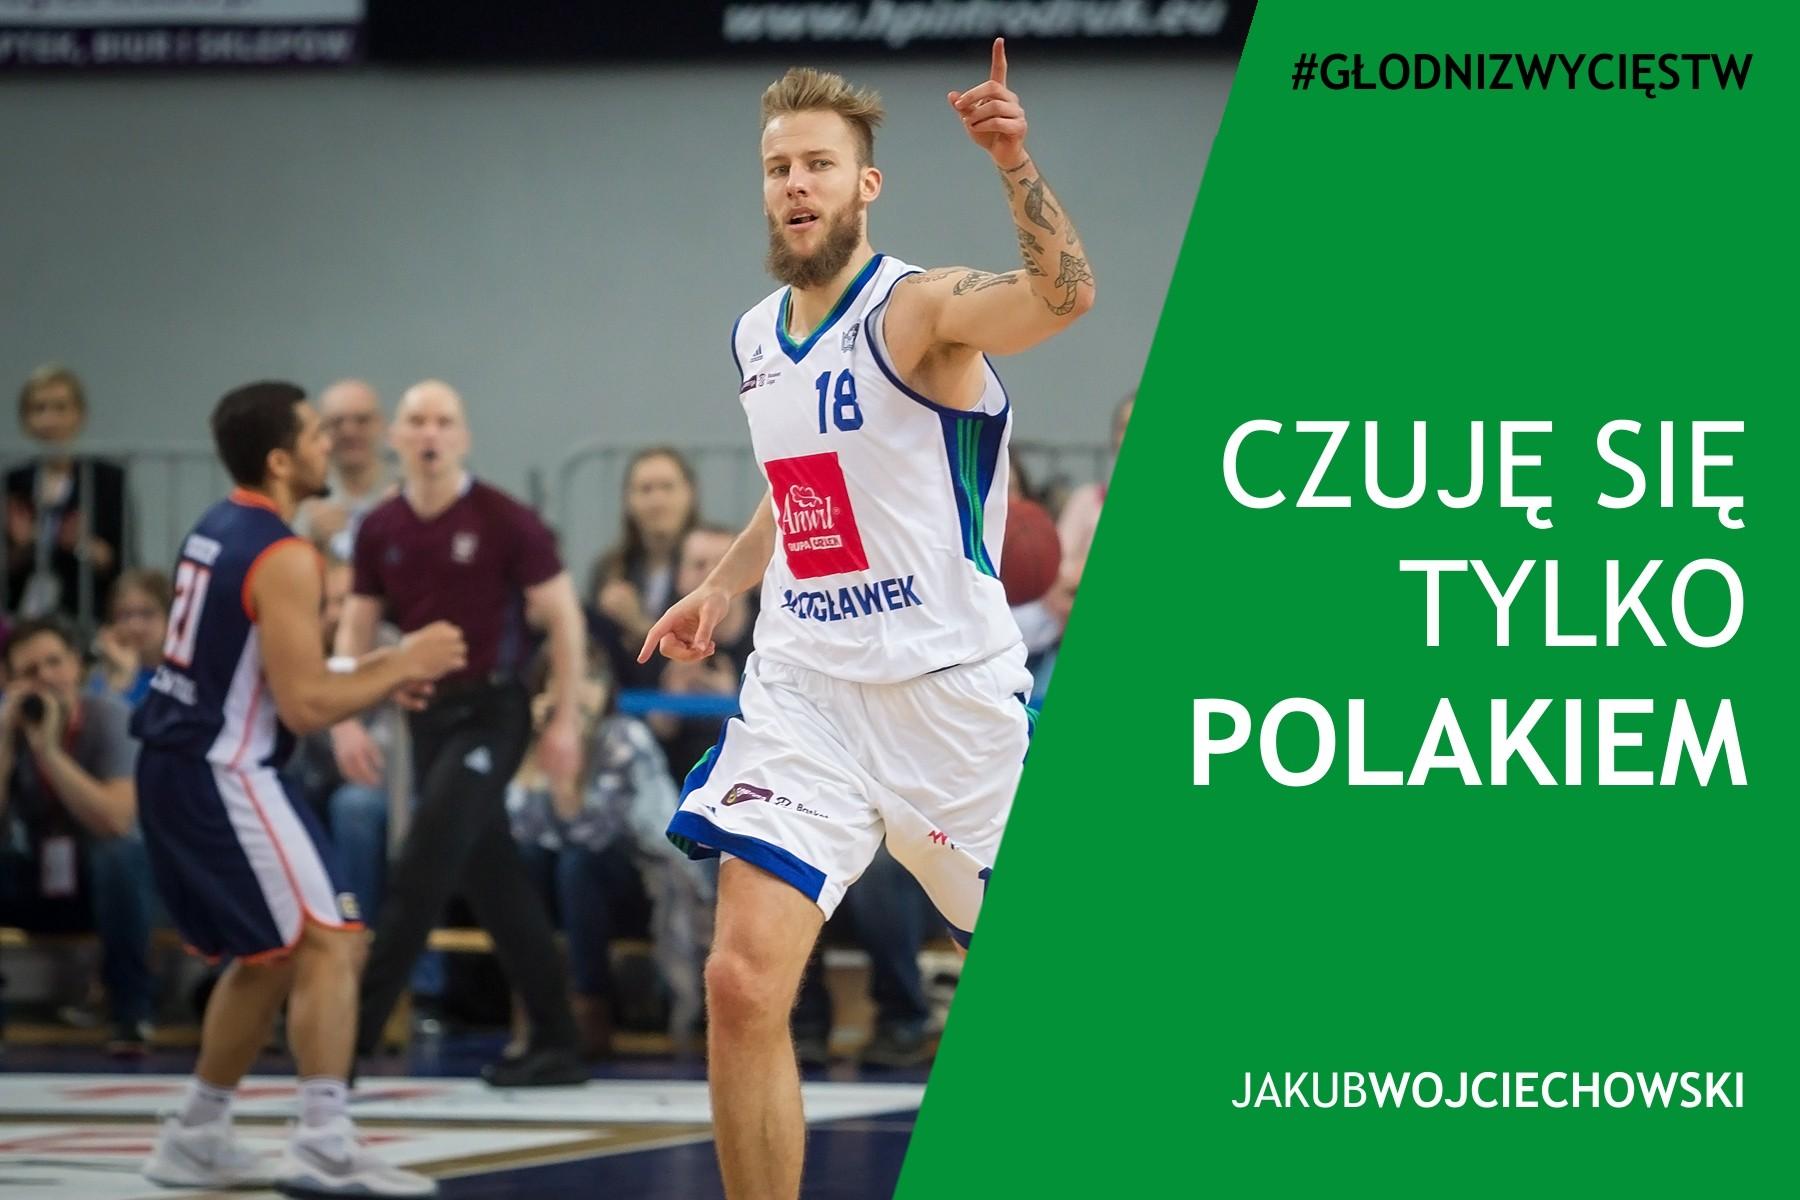 Jakub Wojciechowski: Czuję się tylko Polakiem